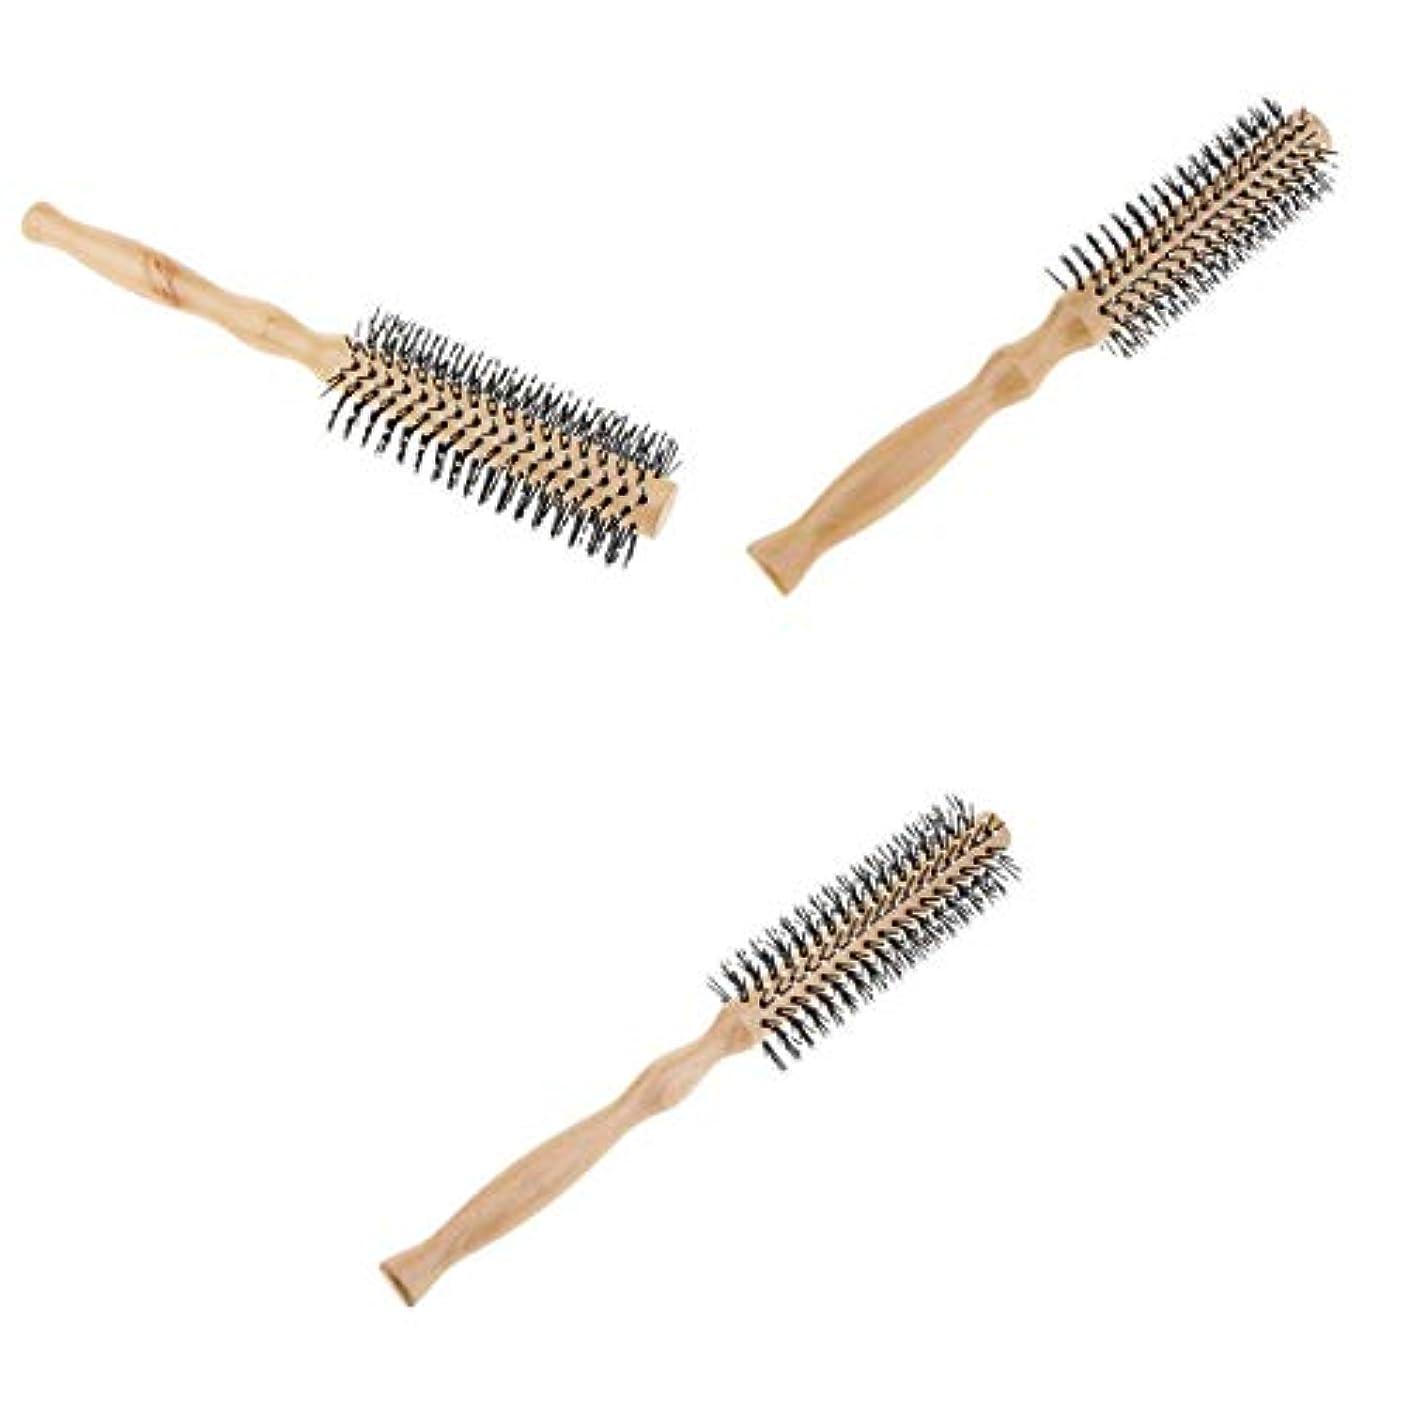 飽和する無駄にほうきT TOOYFUL ロールブラシ ヘアブラシ 木製櫛 スタイリングブラシ 巻き髪 静電気防止 3本セット